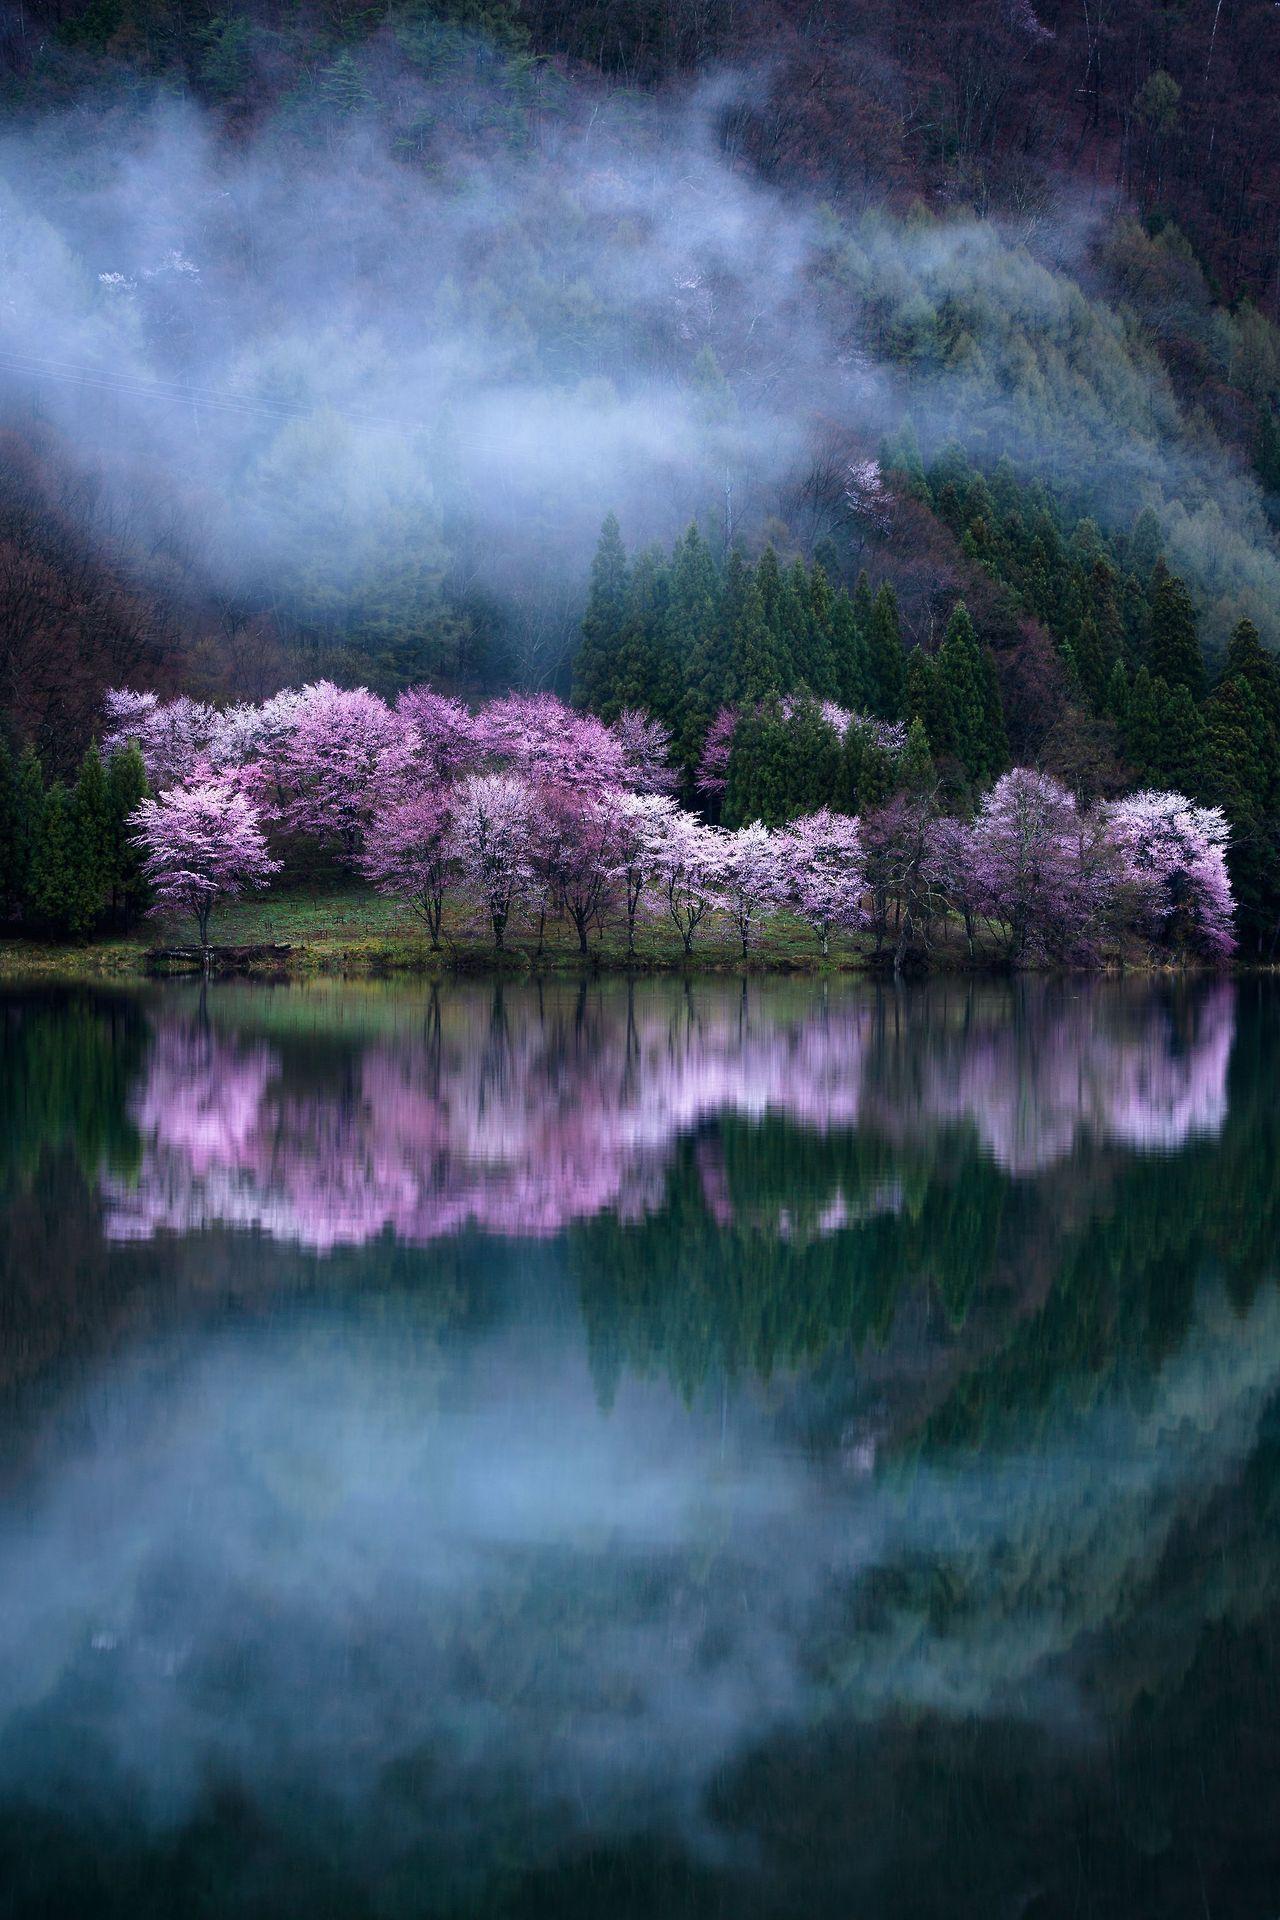 Amazingly Beautiful Nature Photographs National Geographic Photography Nature Photography